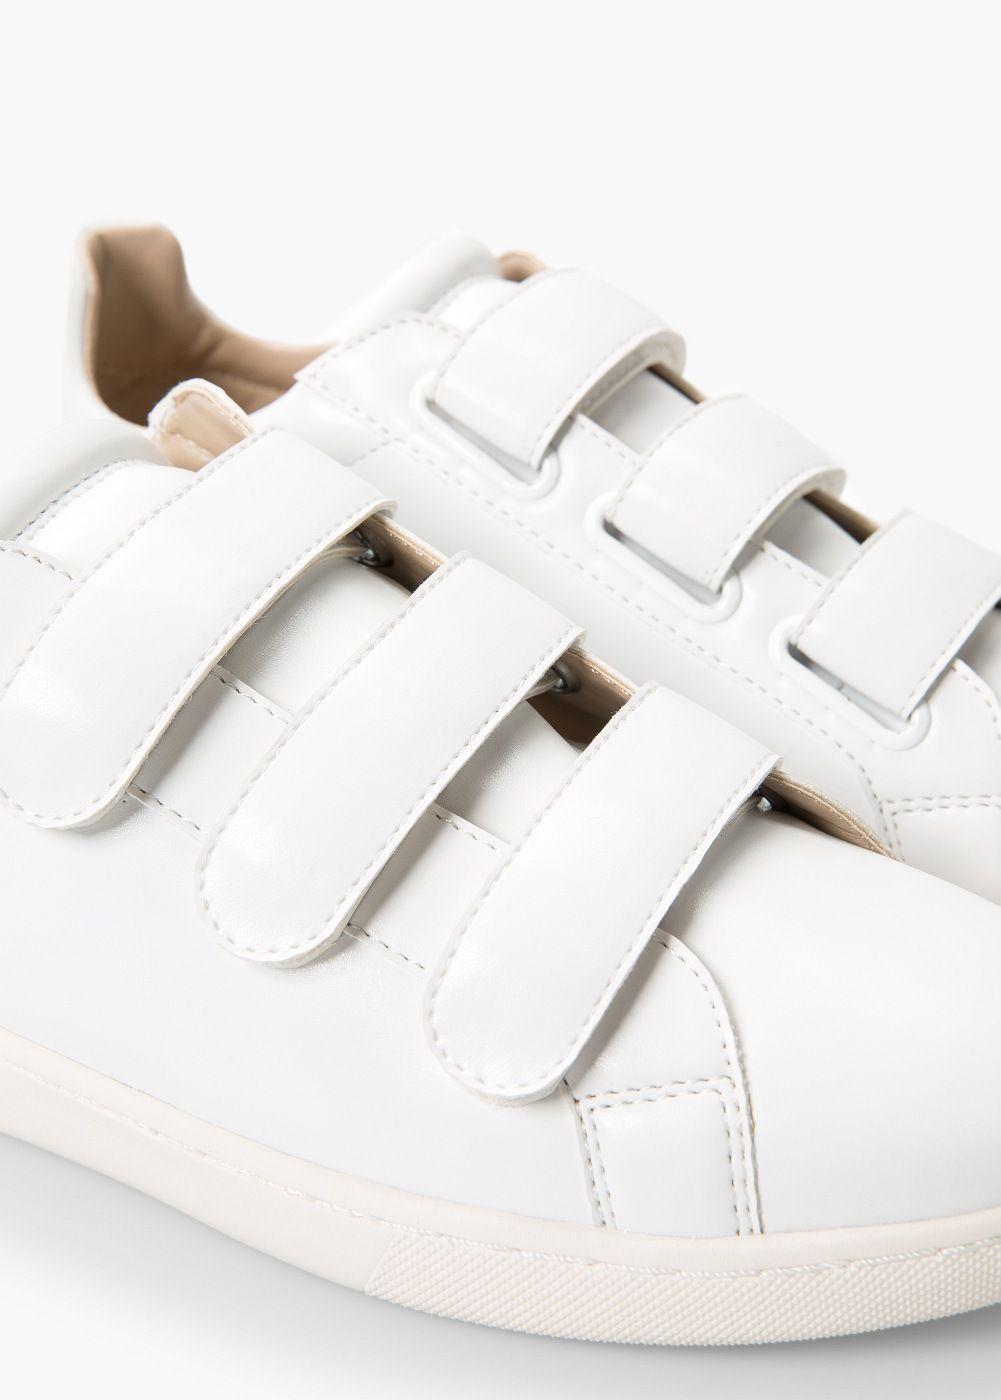 Velcro fastening sneakers   vegan shoes   vegan sneakers   Modern ... 14ca82d9137